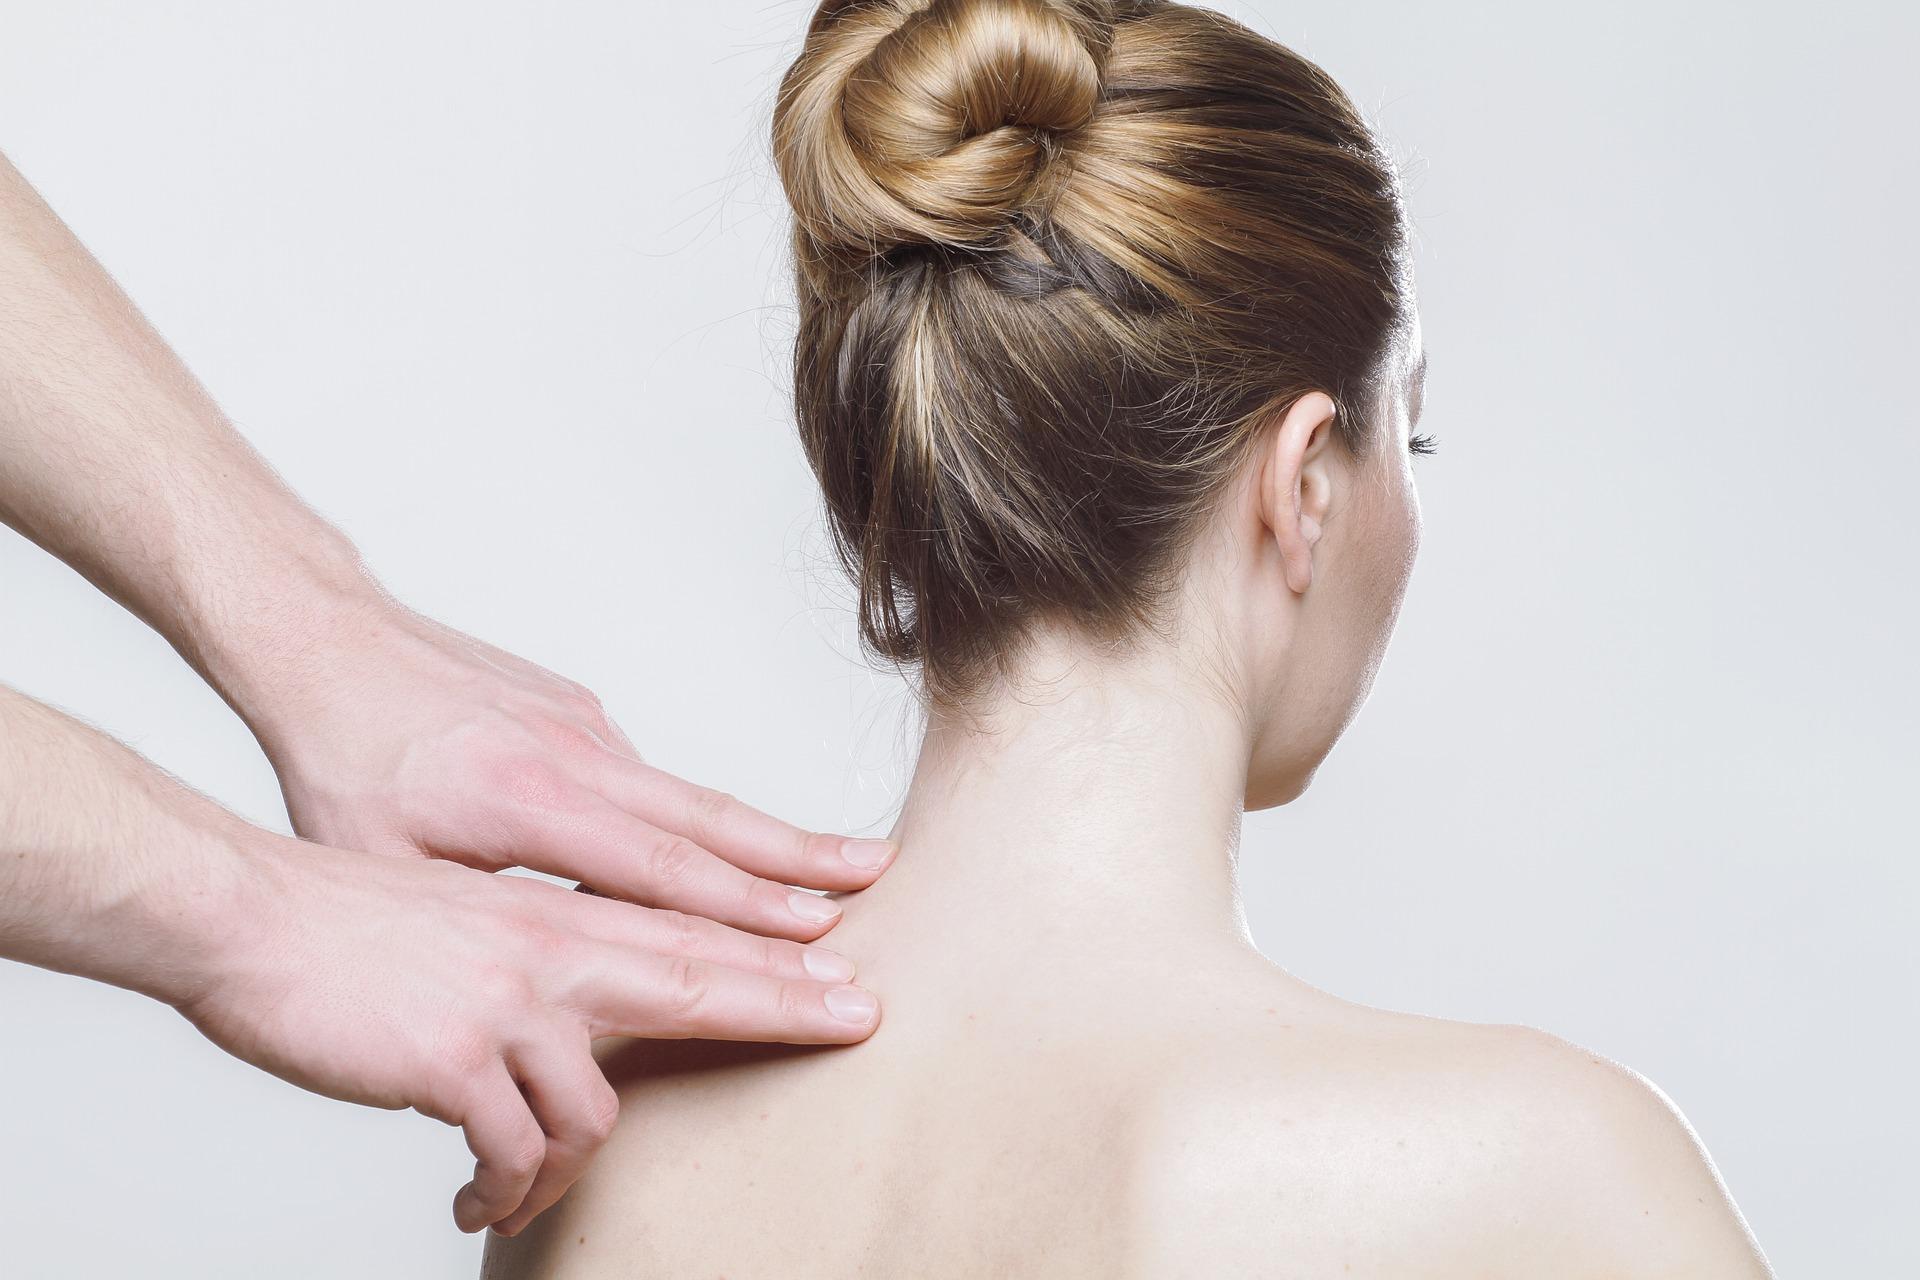 Onko vauvalla koliikkia,  sinulla raskausturvotusta tai työperäistä selkäsärkyä – Auttaisiko osteopatia? Kysy ammattilaiselta!